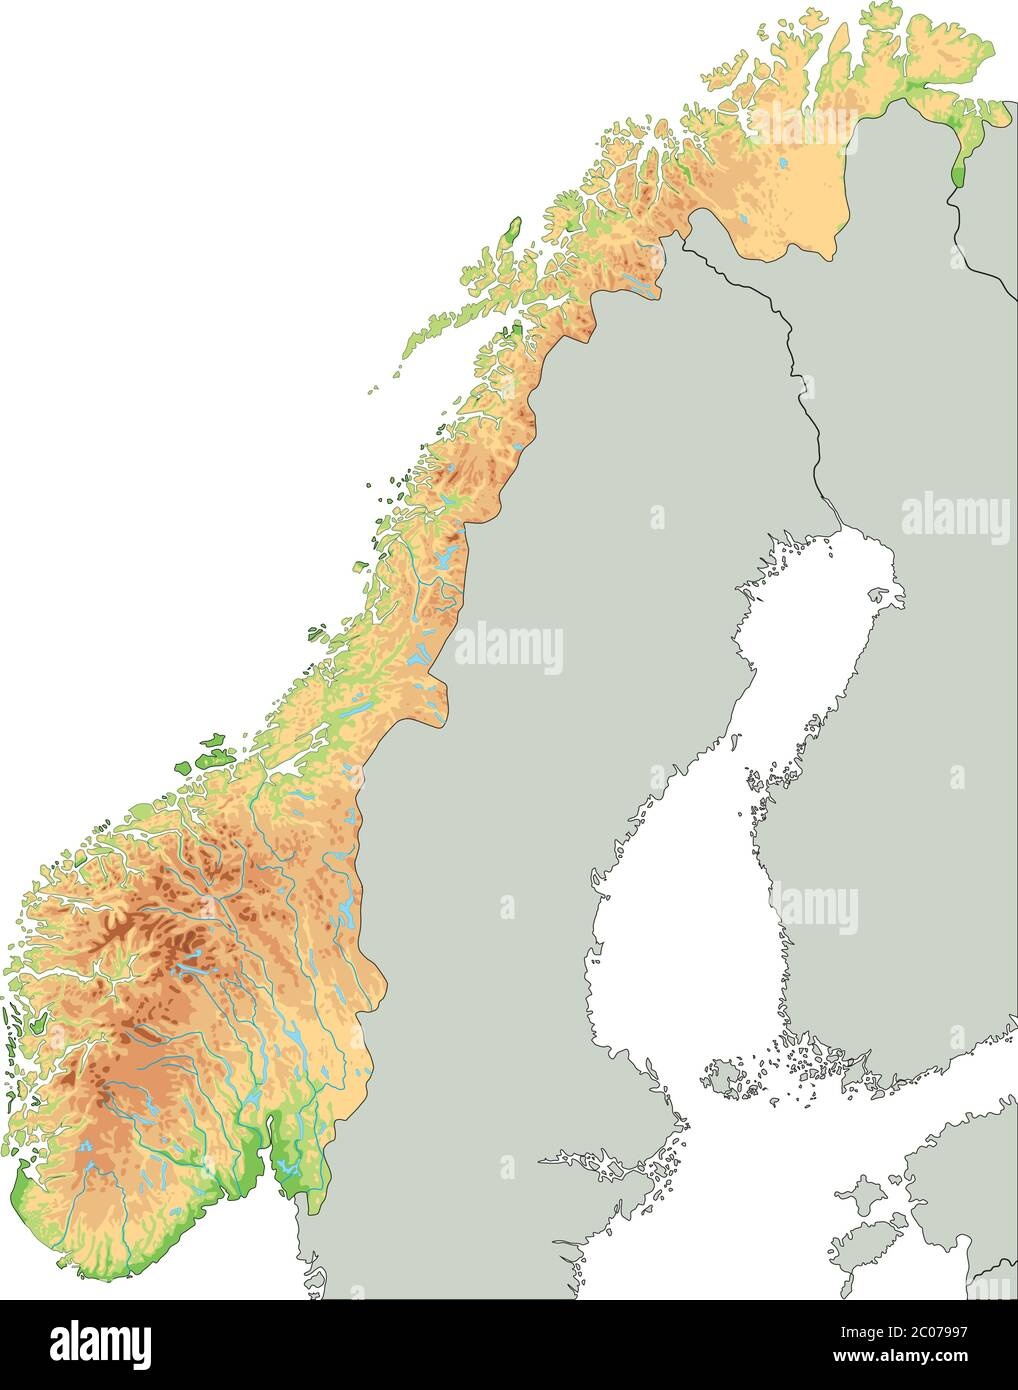 La Norvegia Cartina.Mappa Fisica Della Norvegia Dettagliata Immagine E Vettoriale Alamy